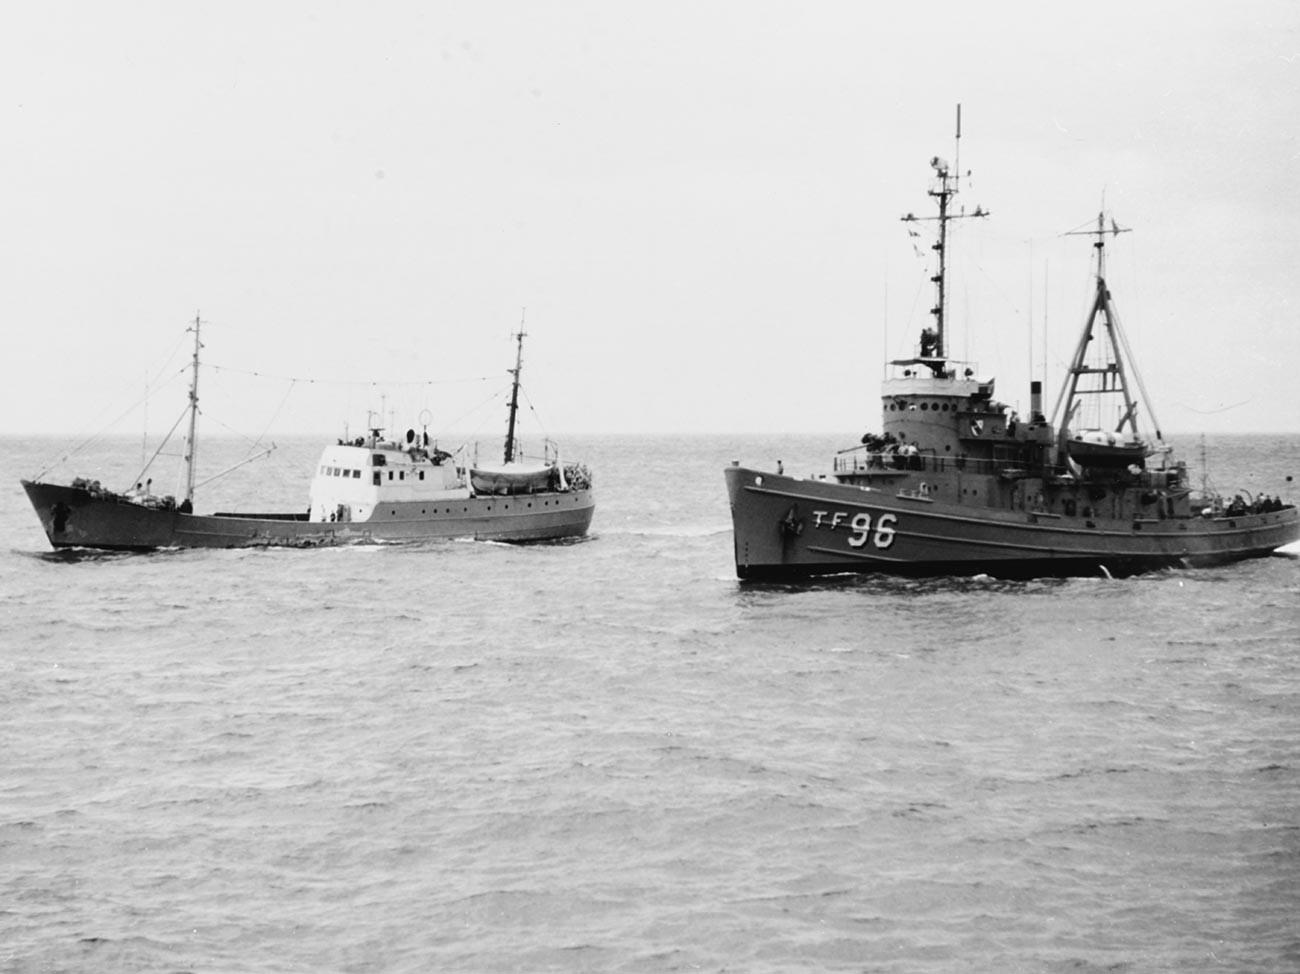 USS Abnaki (ATF-96) and Soviet trawler Gidrofon underway in the South China Sea, 1967.